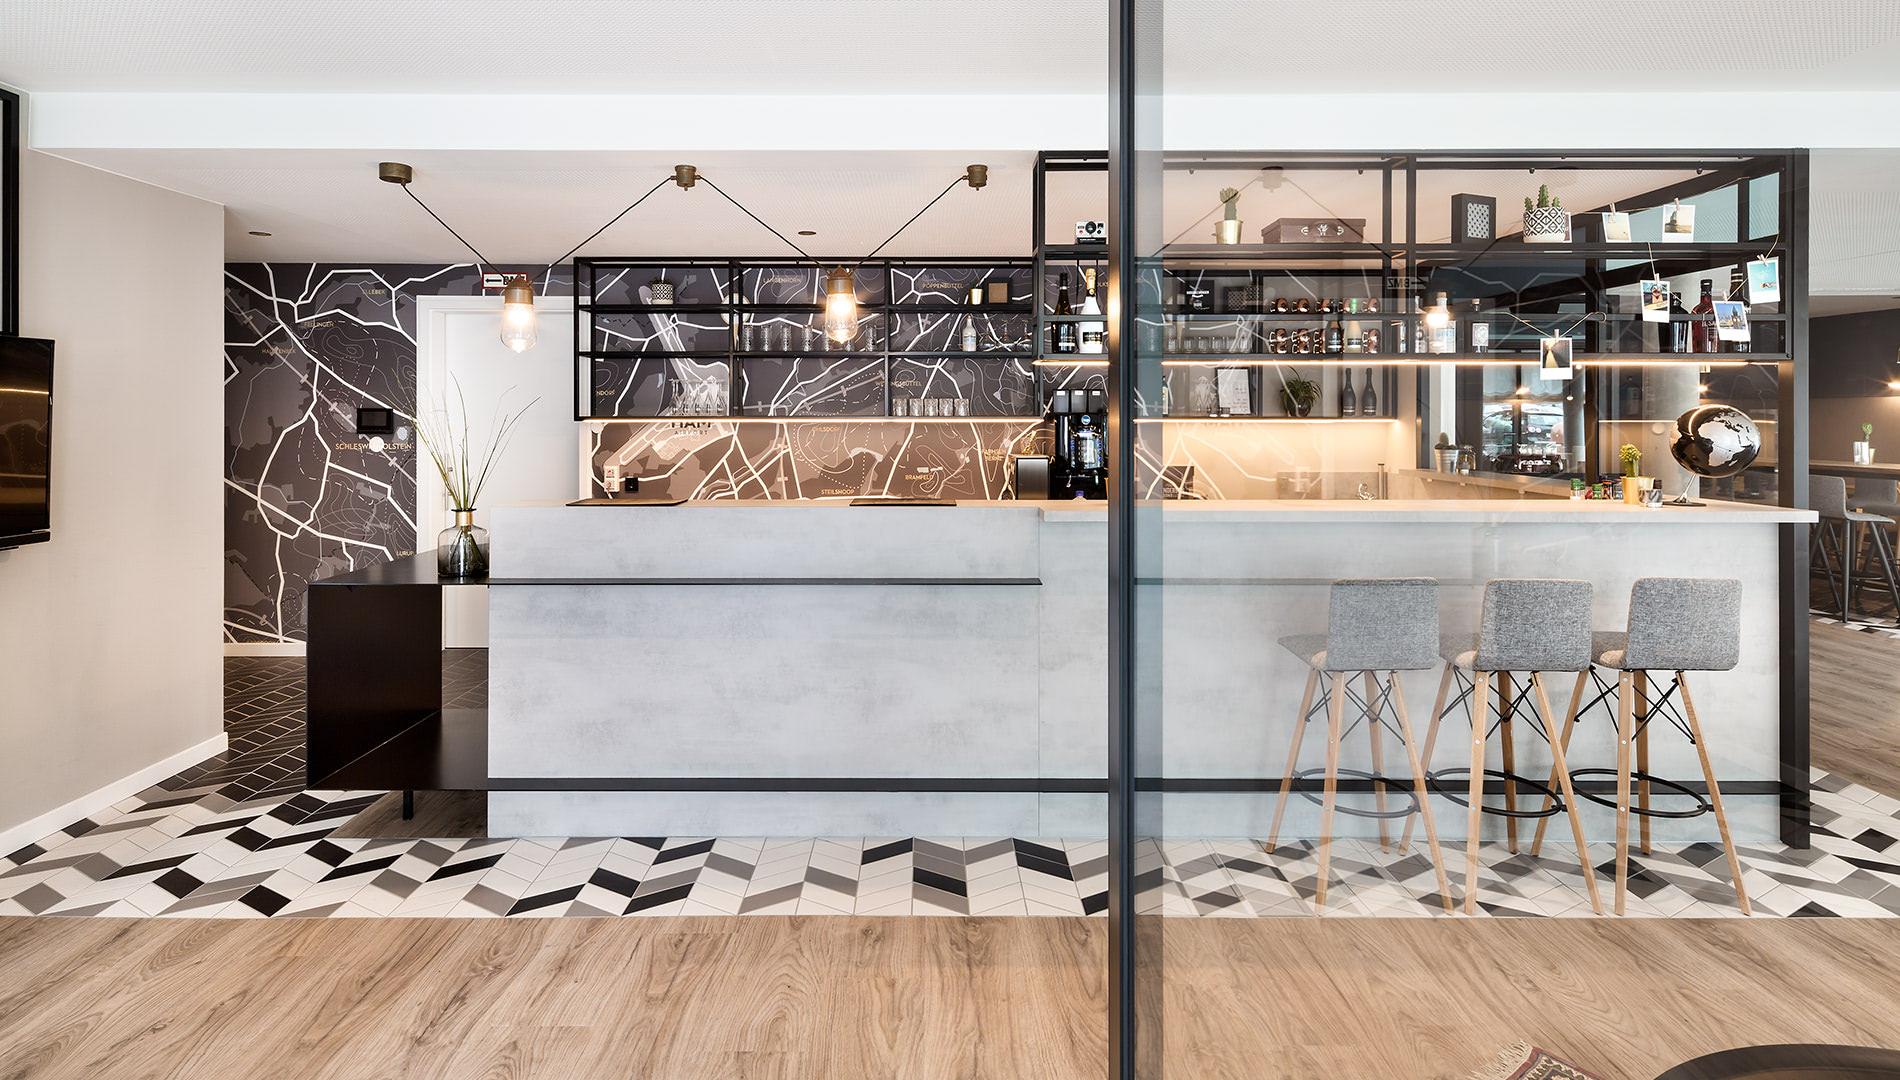 Destinationsentwicklung Boutique Hotels by Centro Hamburg Dortmund Hotel Design Bar Going Places